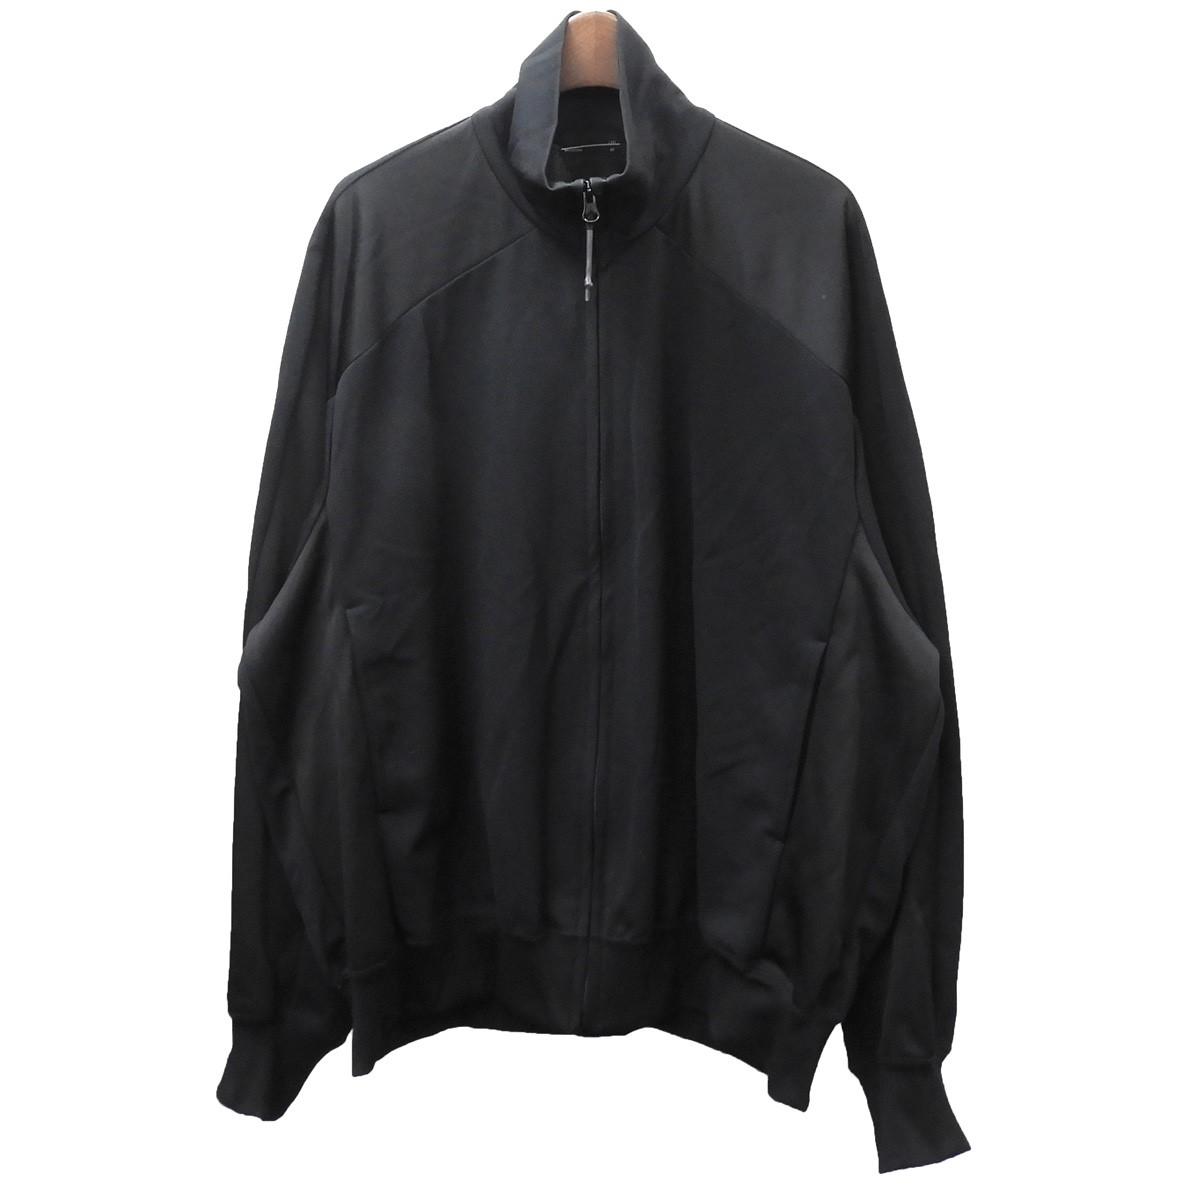 【中古】LAD MUSICIAN 2019SS 「Track Jacket」トラックジャケット ブラック サイズ:42 【270420】(ラッドミュージシャン)